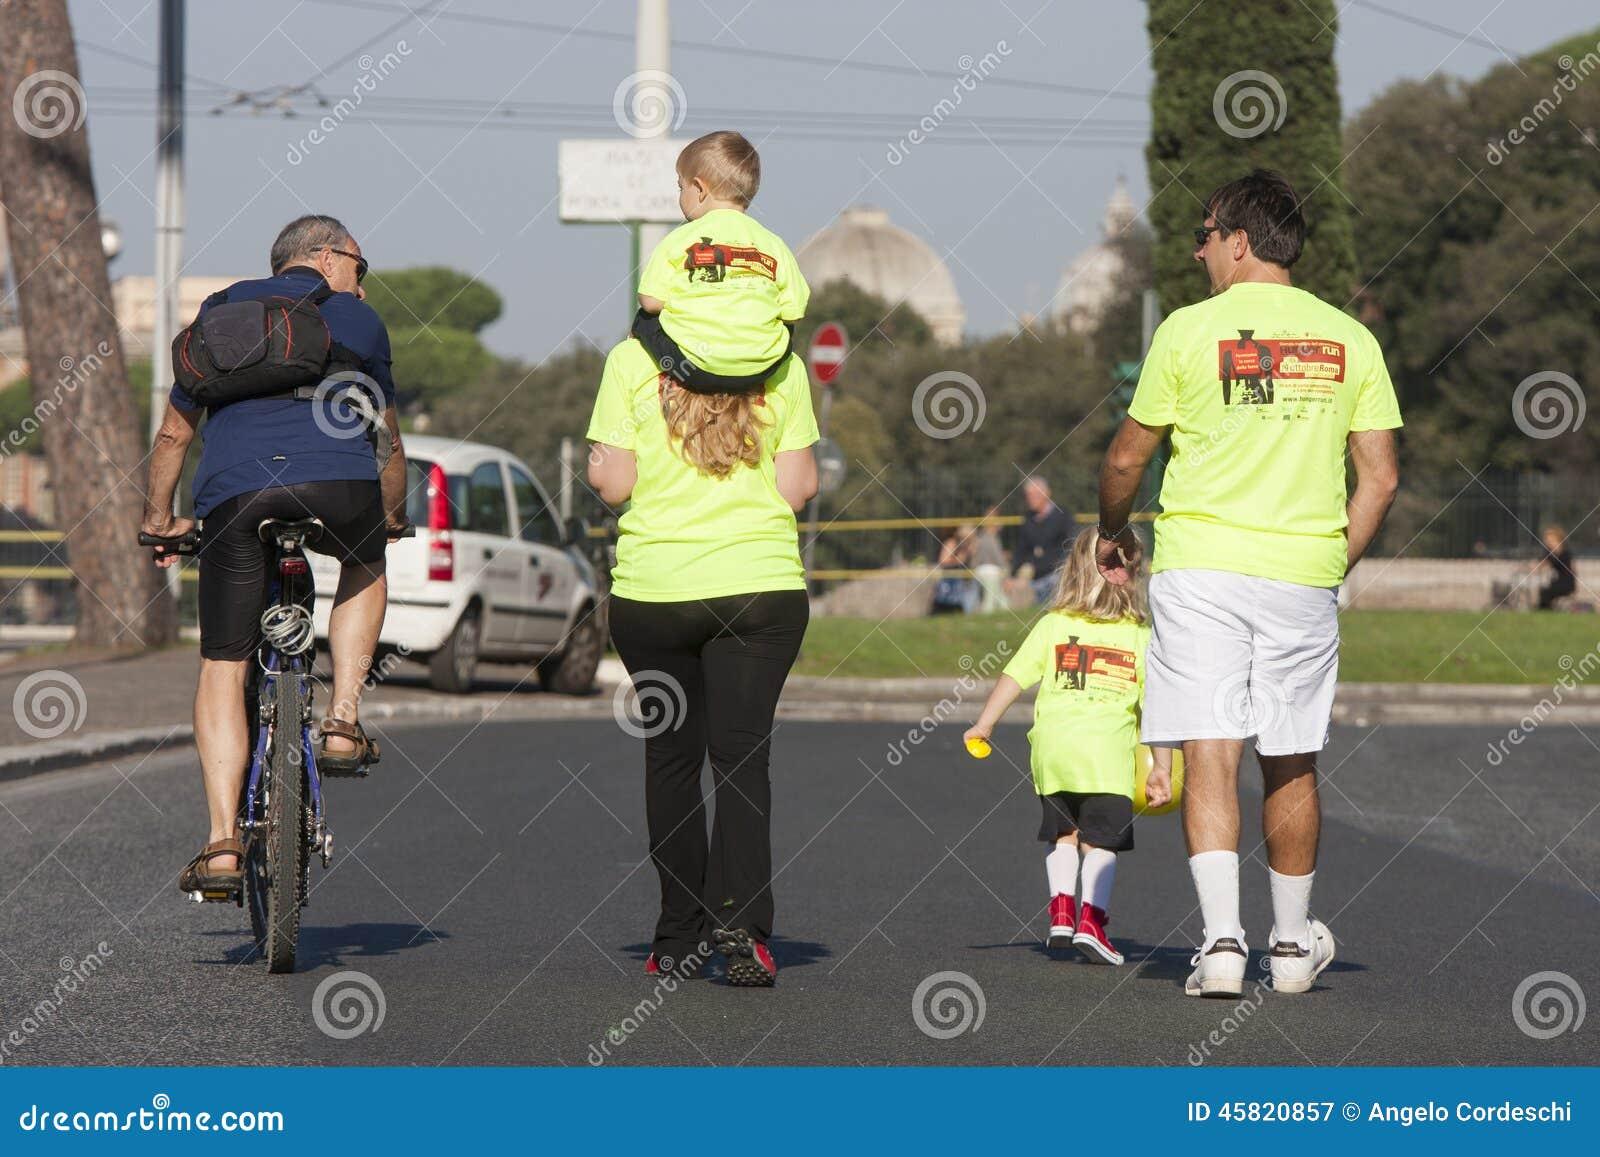 De honger loopt (Rome) - het WVP - een gehele familie